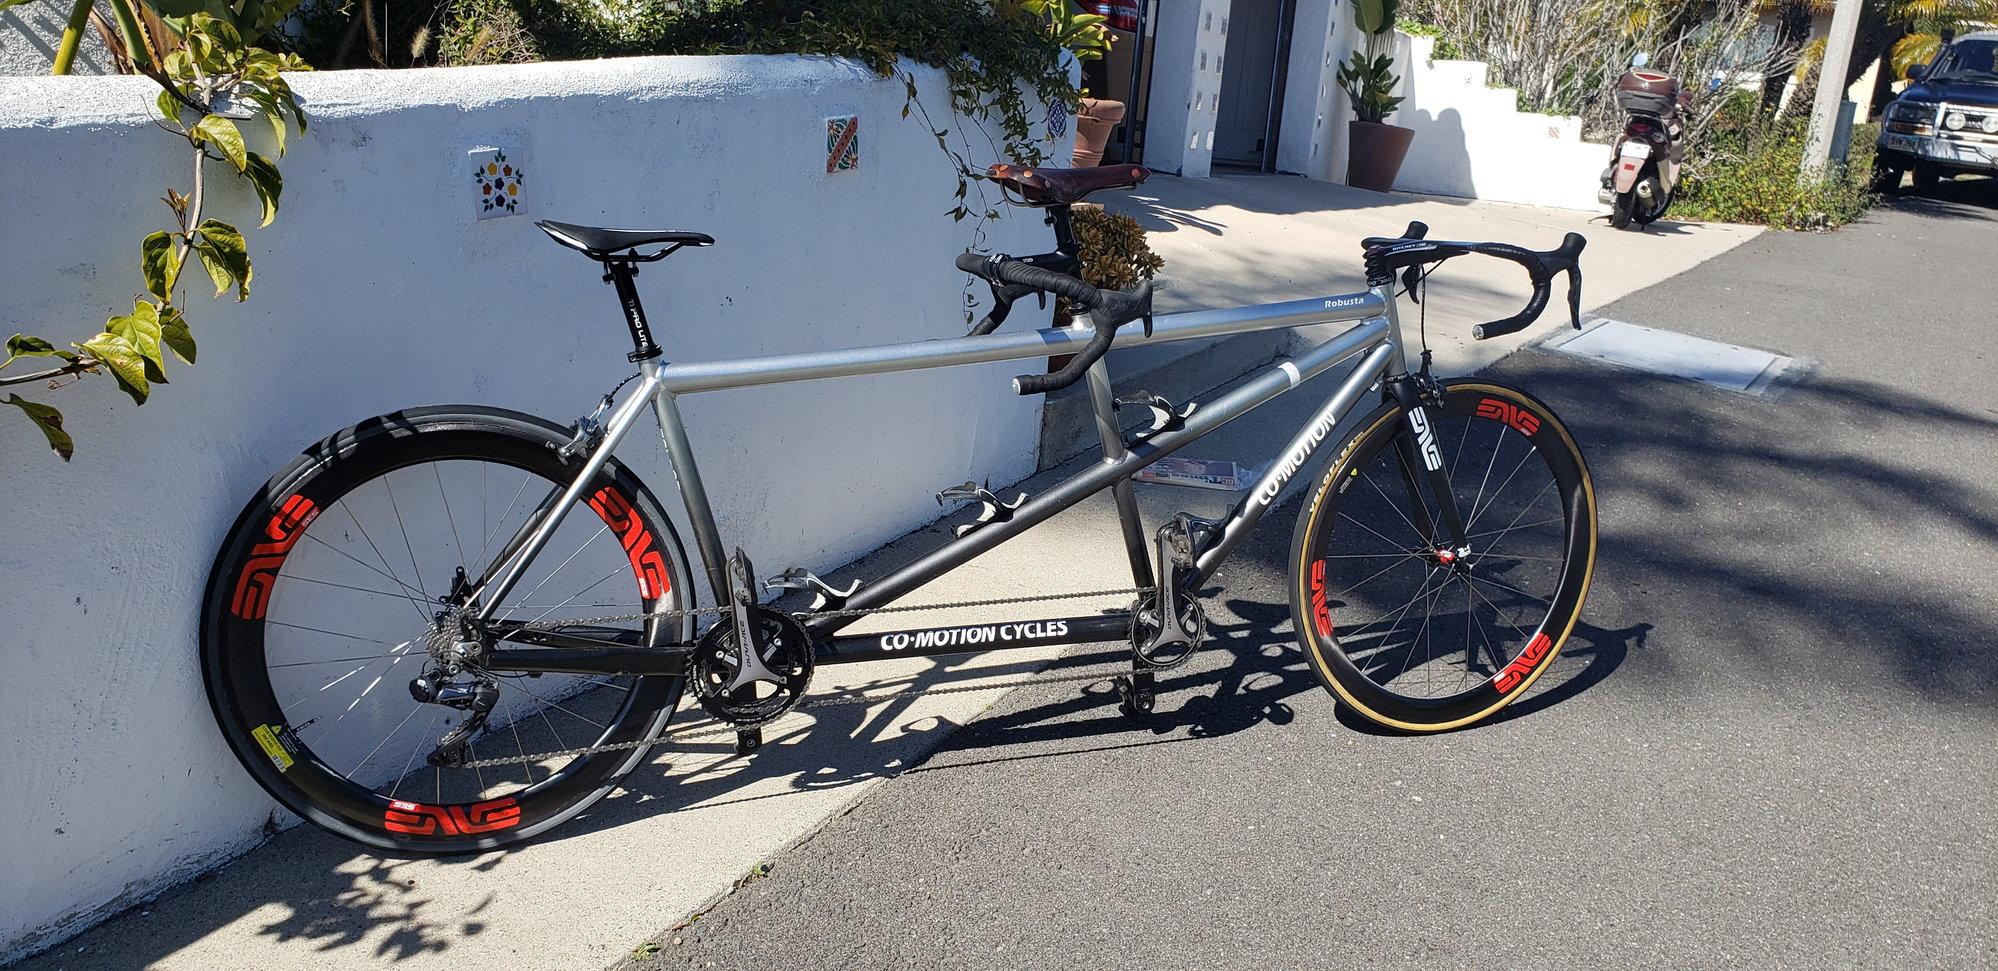 Spokes decision for new wheel build    DT, Sapim or regular